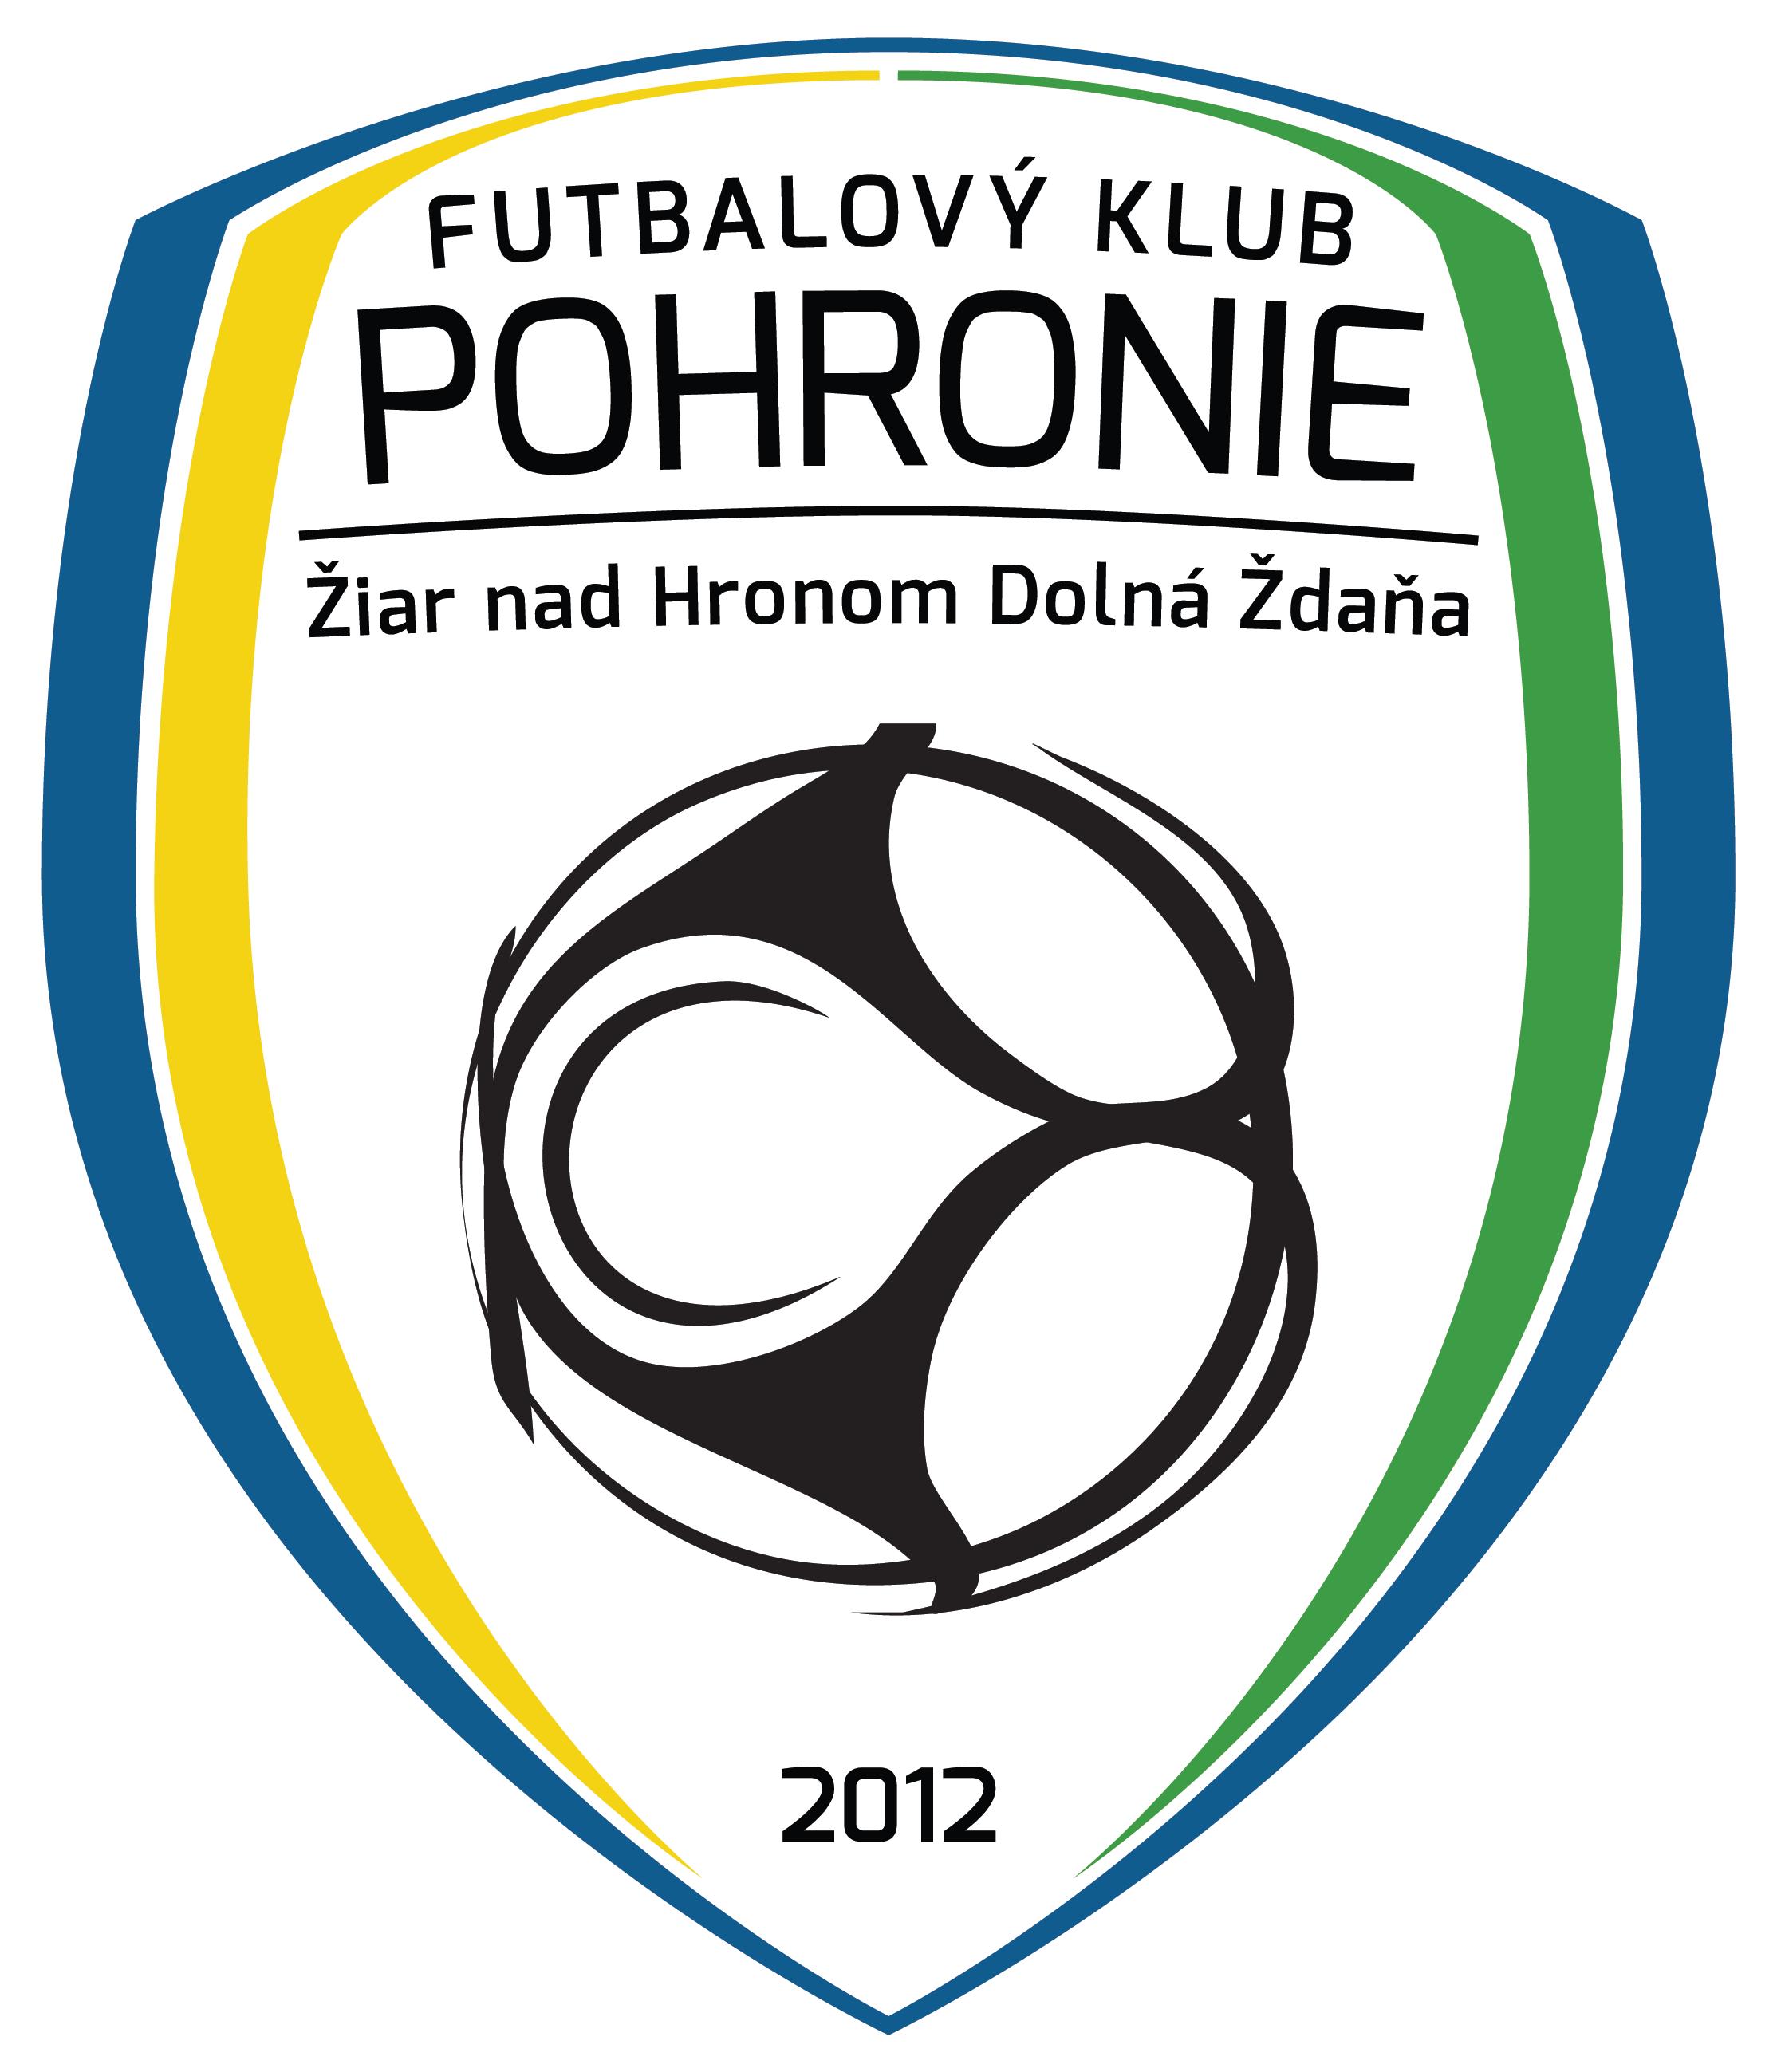 Ing. Dušan Bosák - konateľ spoločnosti FK POHRONIE Žiar nad Hronom Dolná Ždaňa, s. r. o.